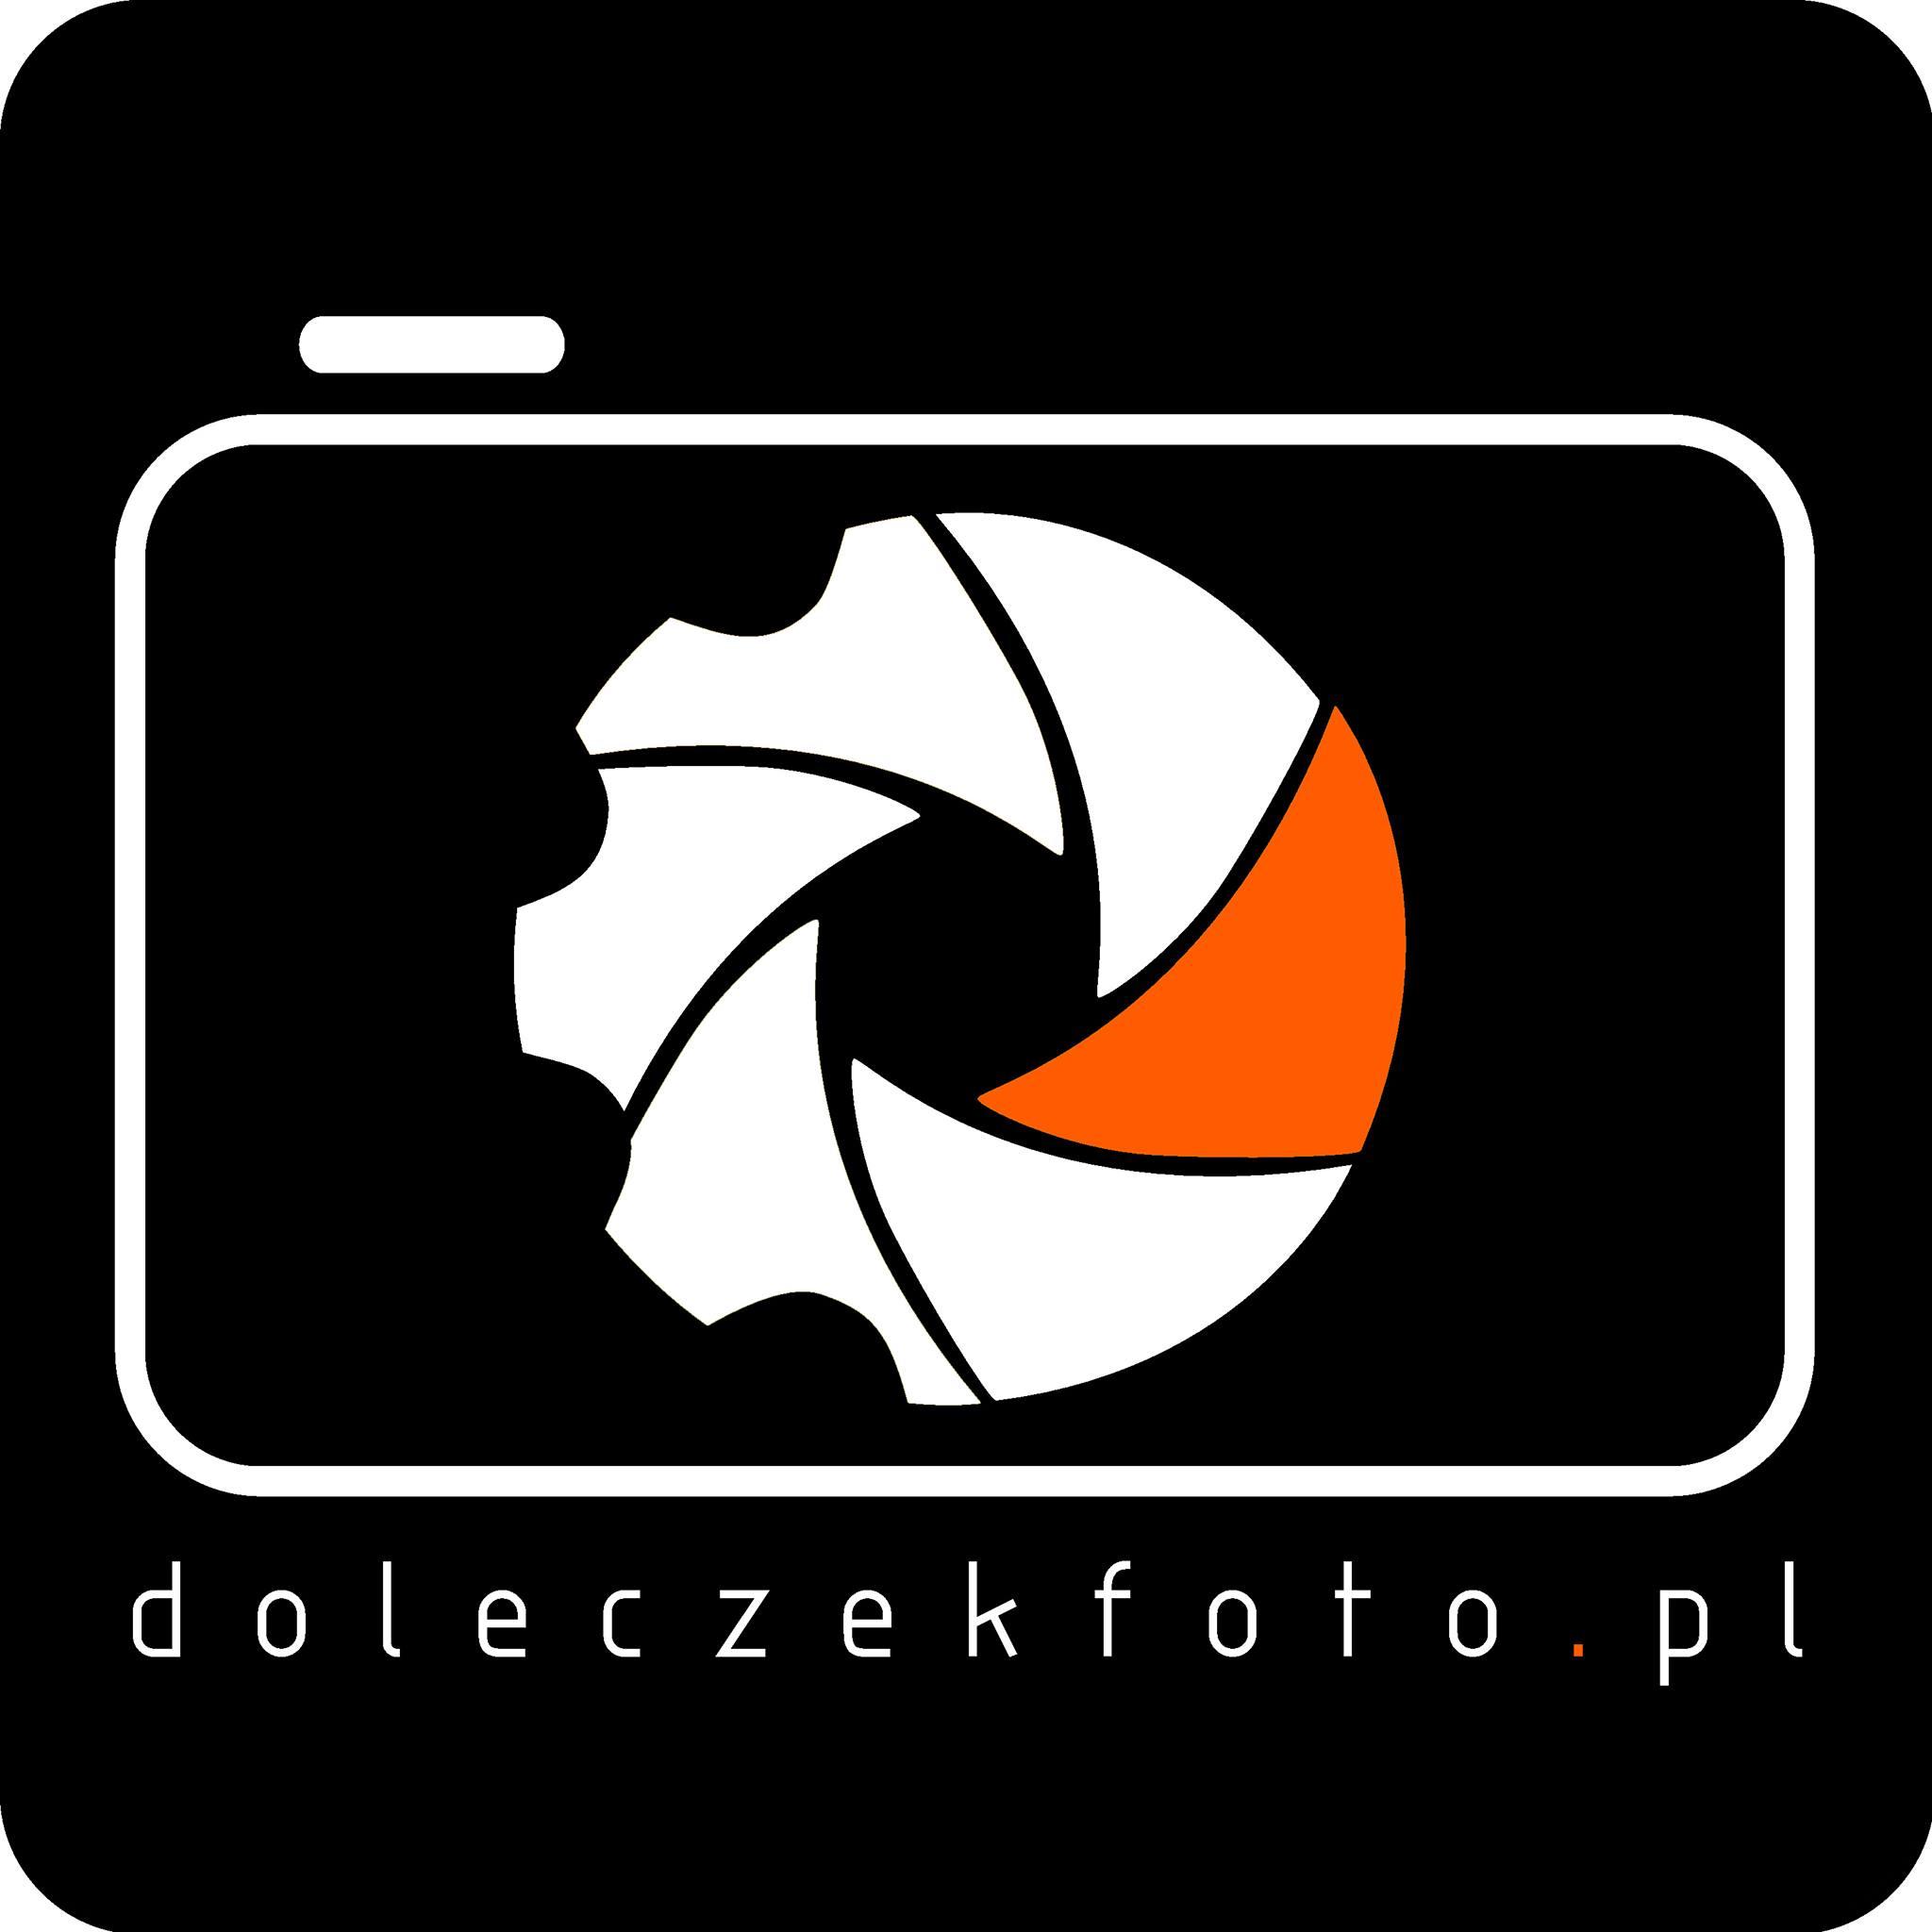 LOGO_doleczekfoto